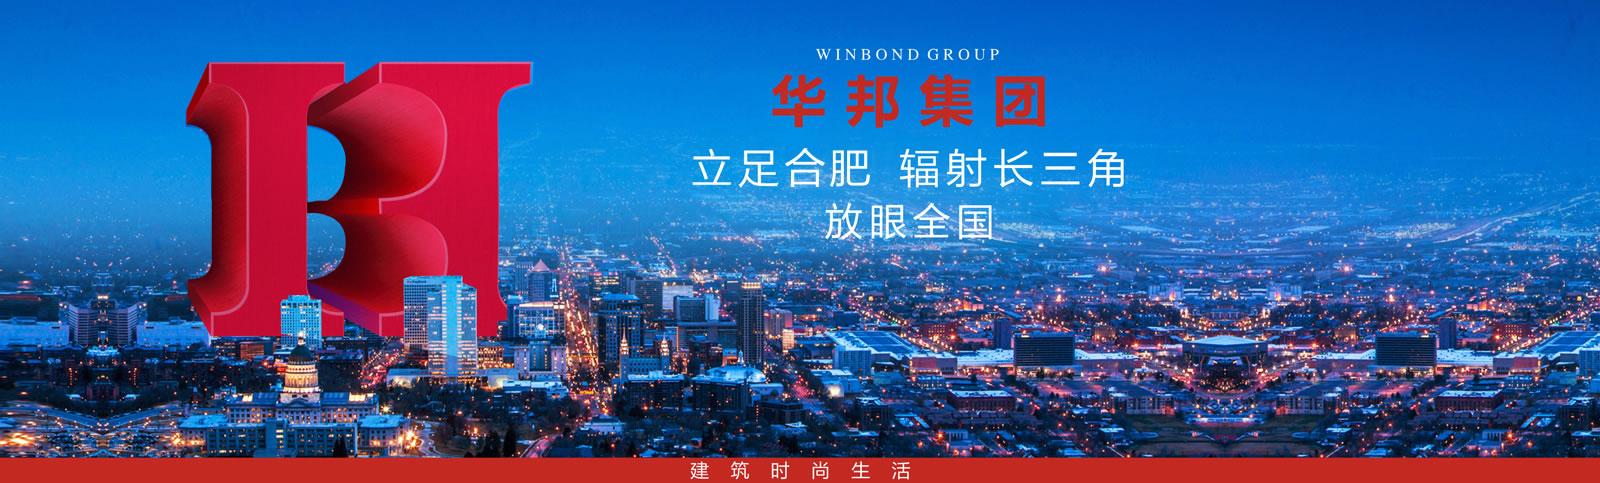 乐虎体育直播app集团战略画面